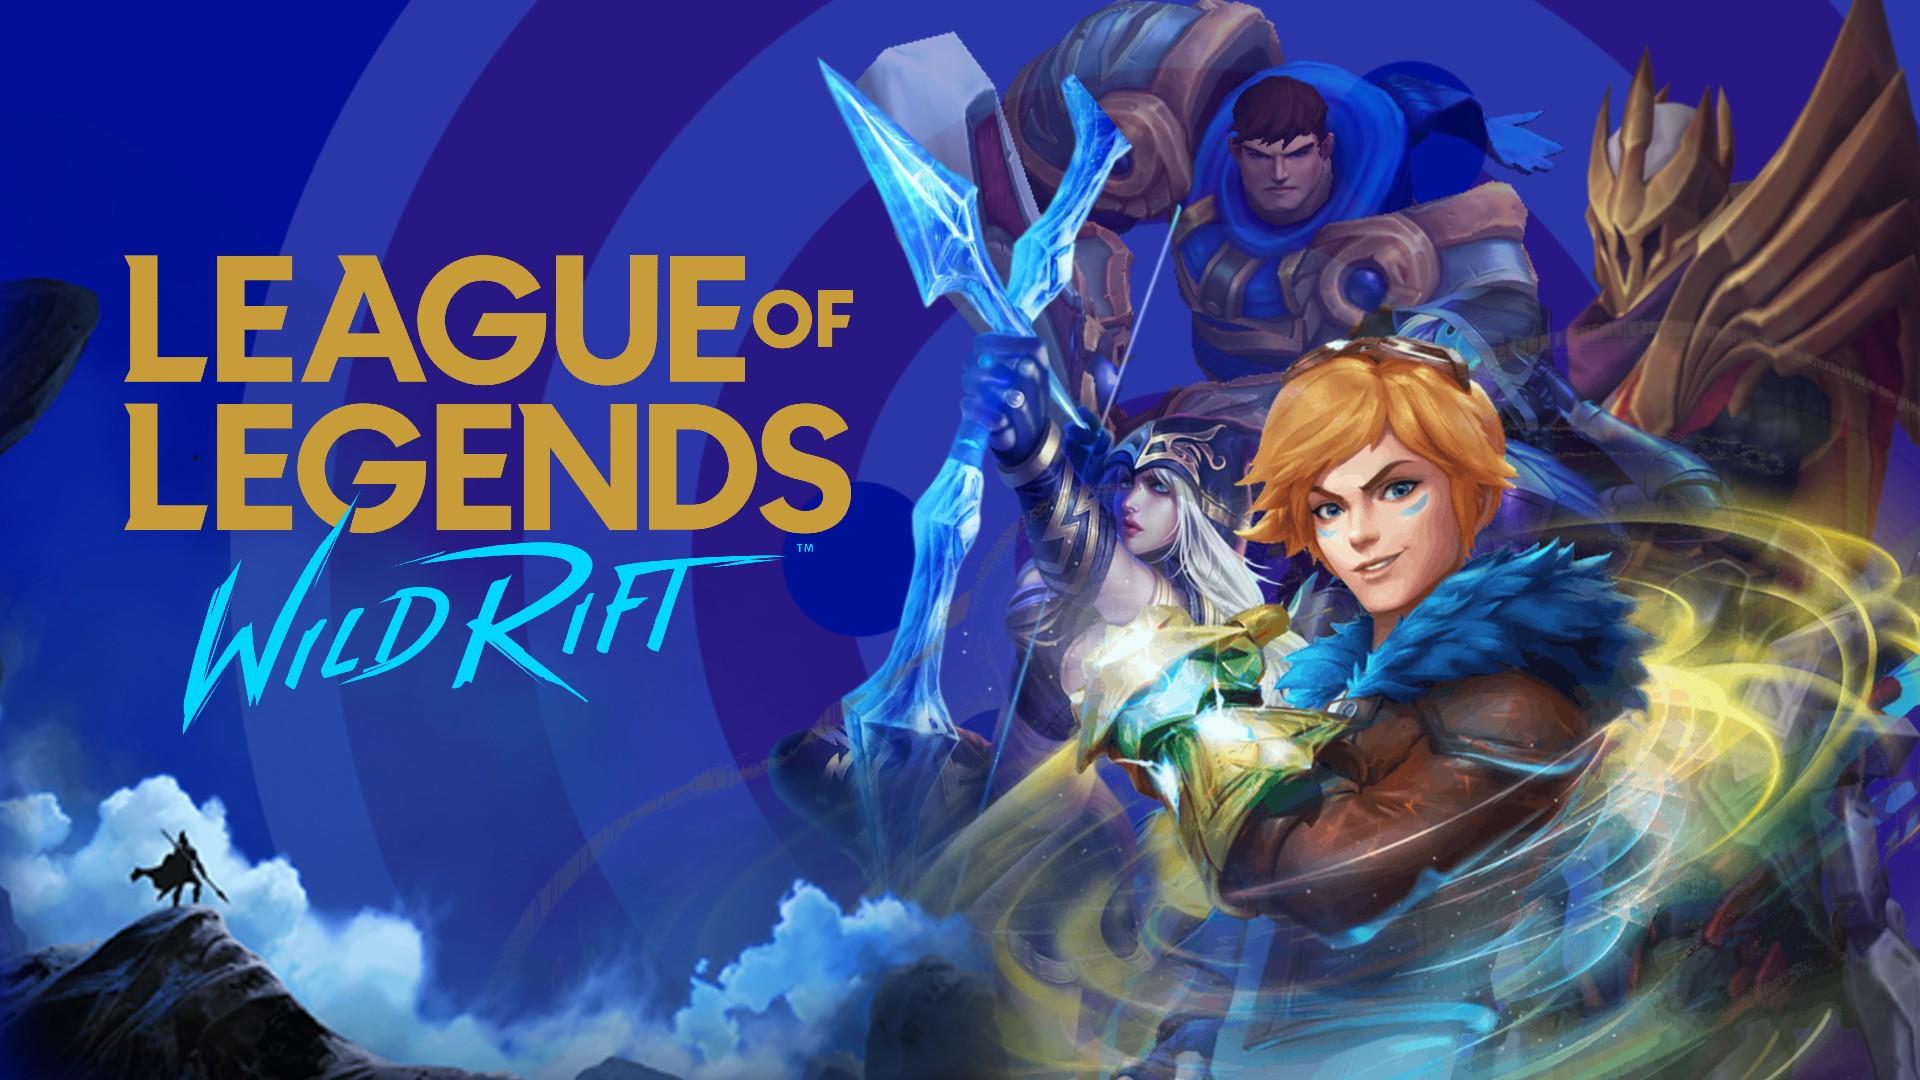 Inilah Daftar 42 Champions Dalam Game League Of Legends Wild Rift Beserta Rolenya Gamefever Id